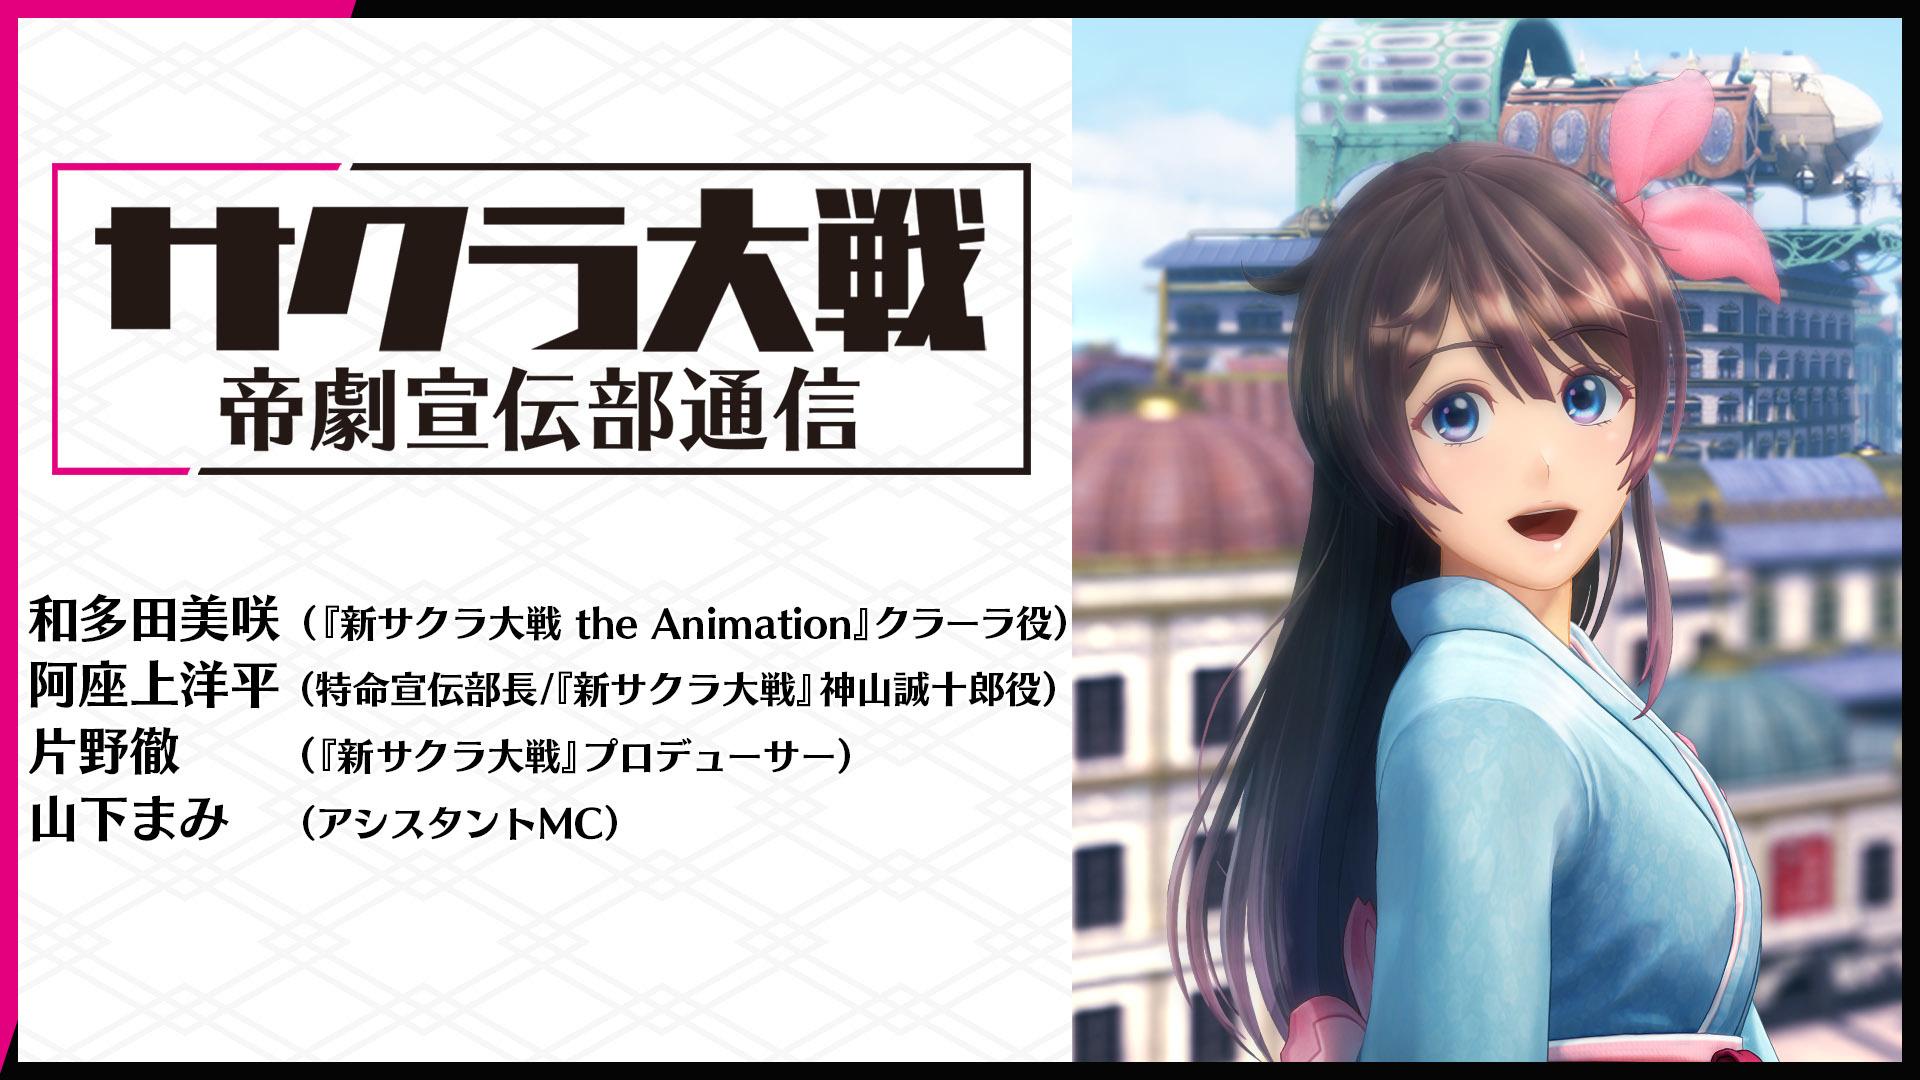 公式生放送『サクラ大戦 帝劇宣伝部通信』 (C)SEGA